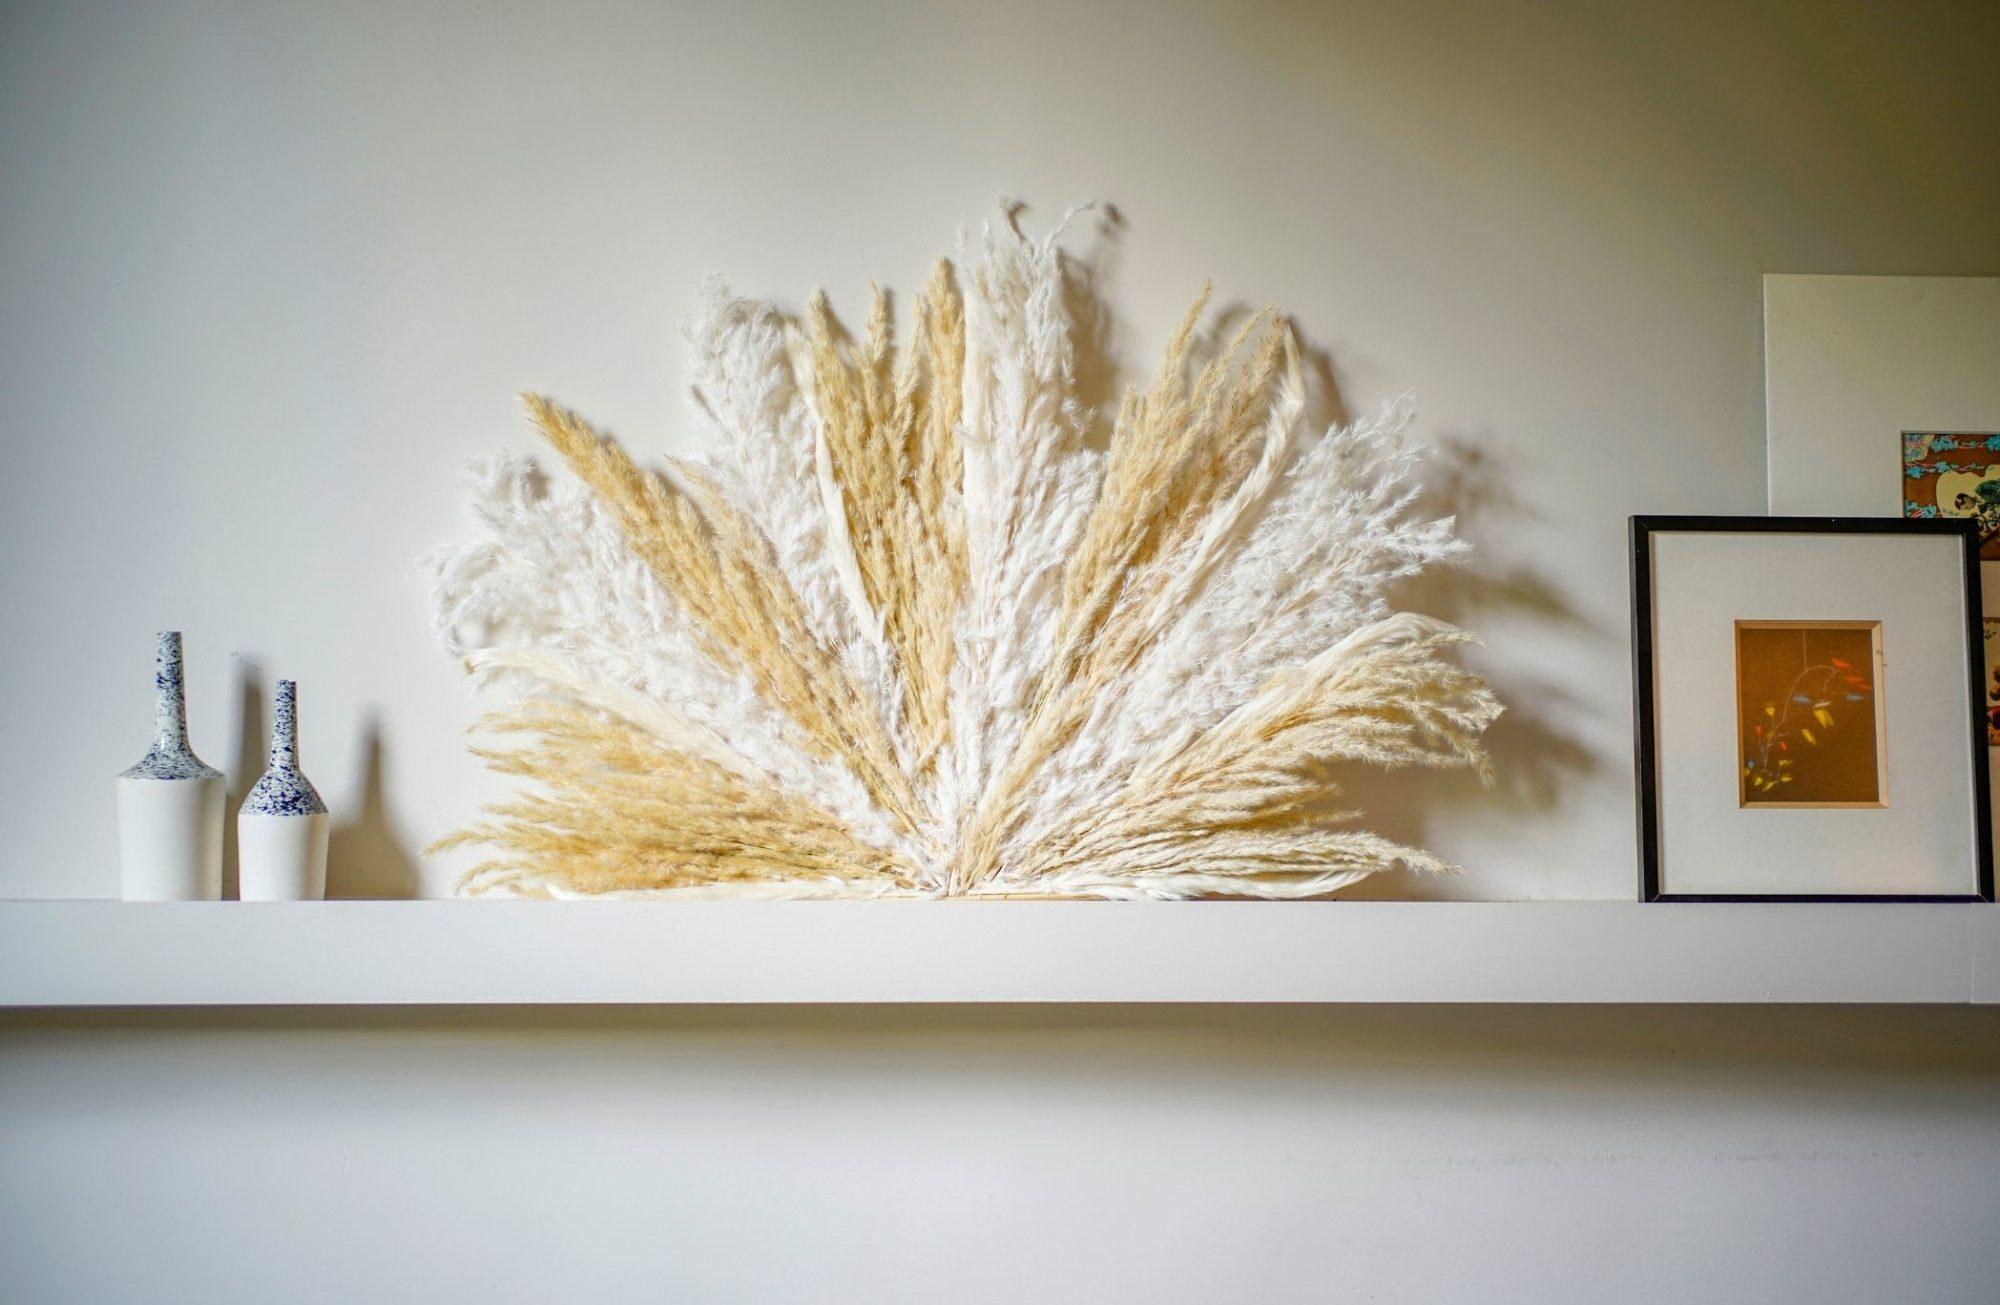 Comment créer une juju hat mural en fleurs de pampa ?